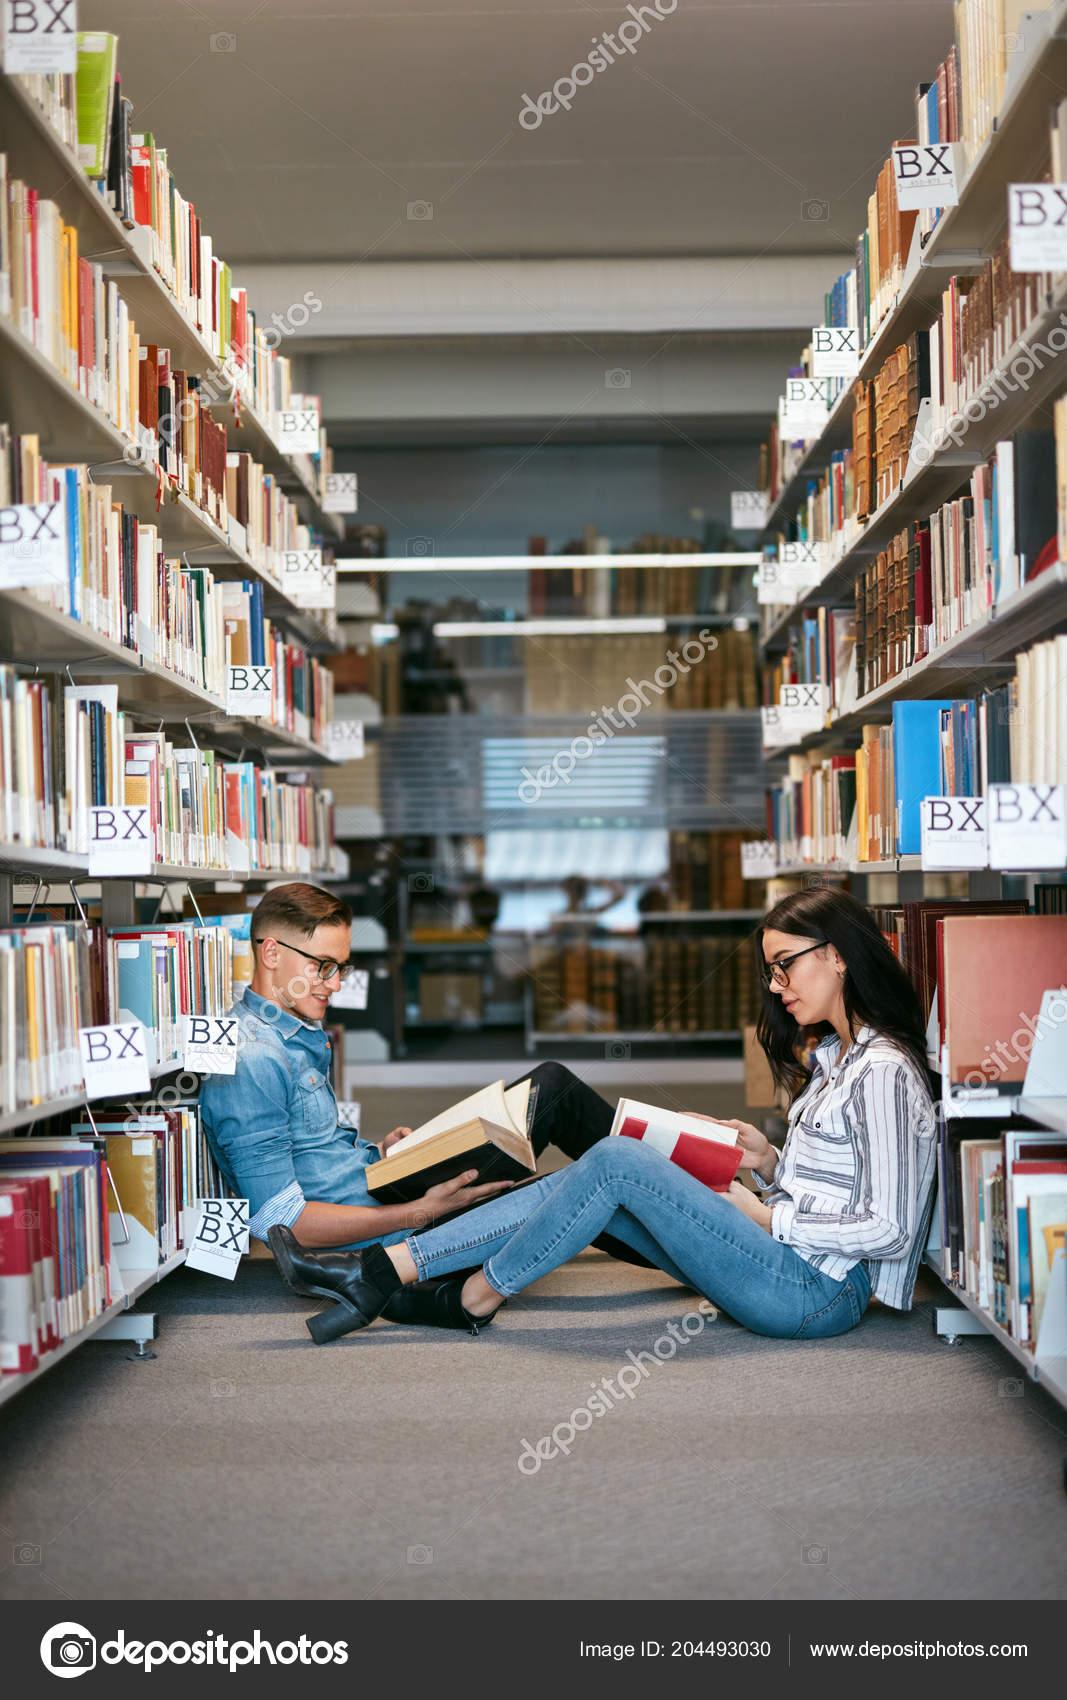 Bibliothekinnen aus einem Bibliotheksmann